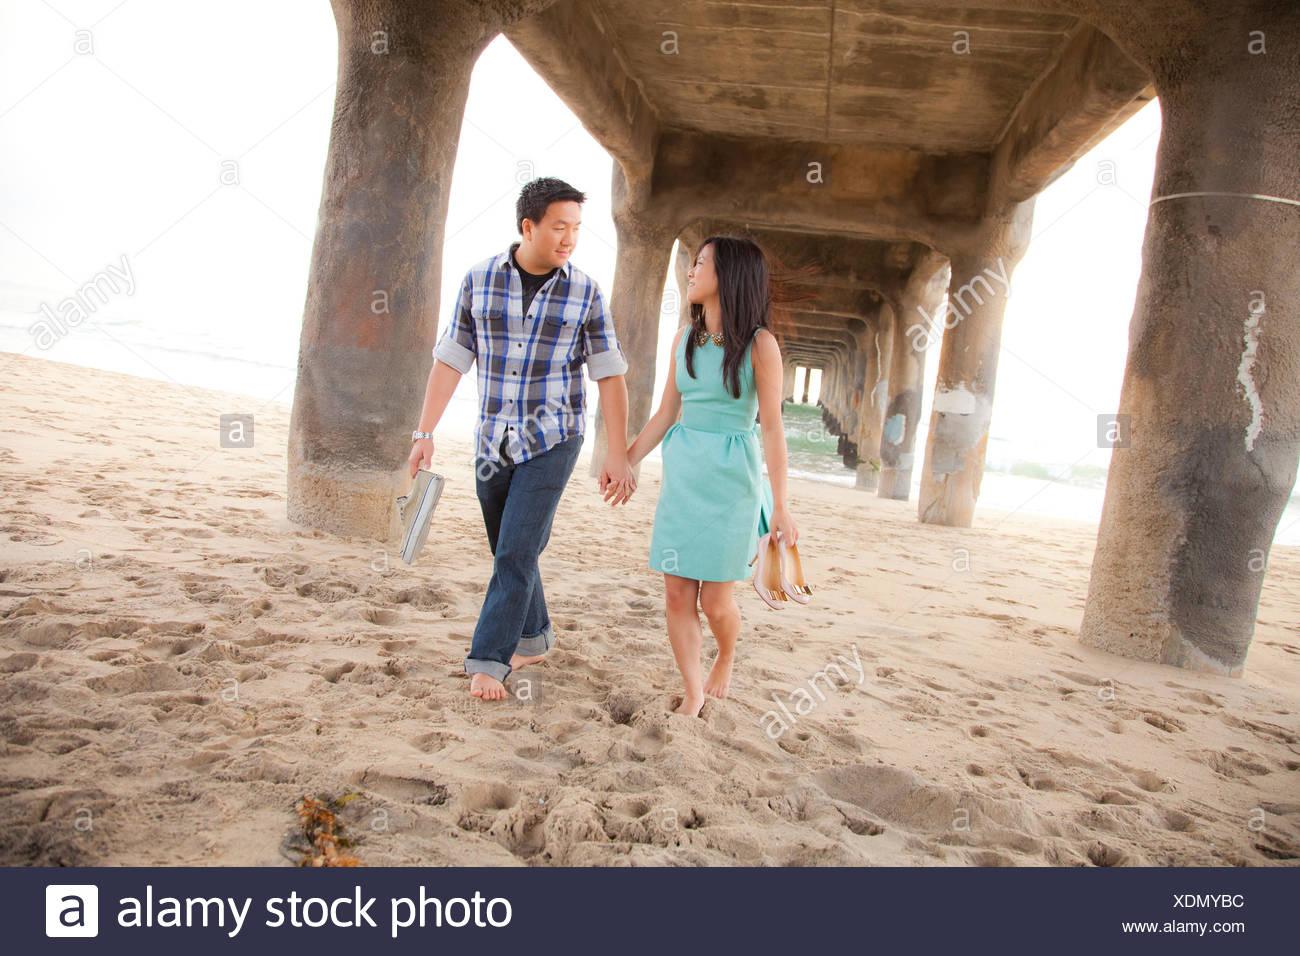 Giovane Holding Hands, correre a piedi nudi sotto un molo Immagini Stock